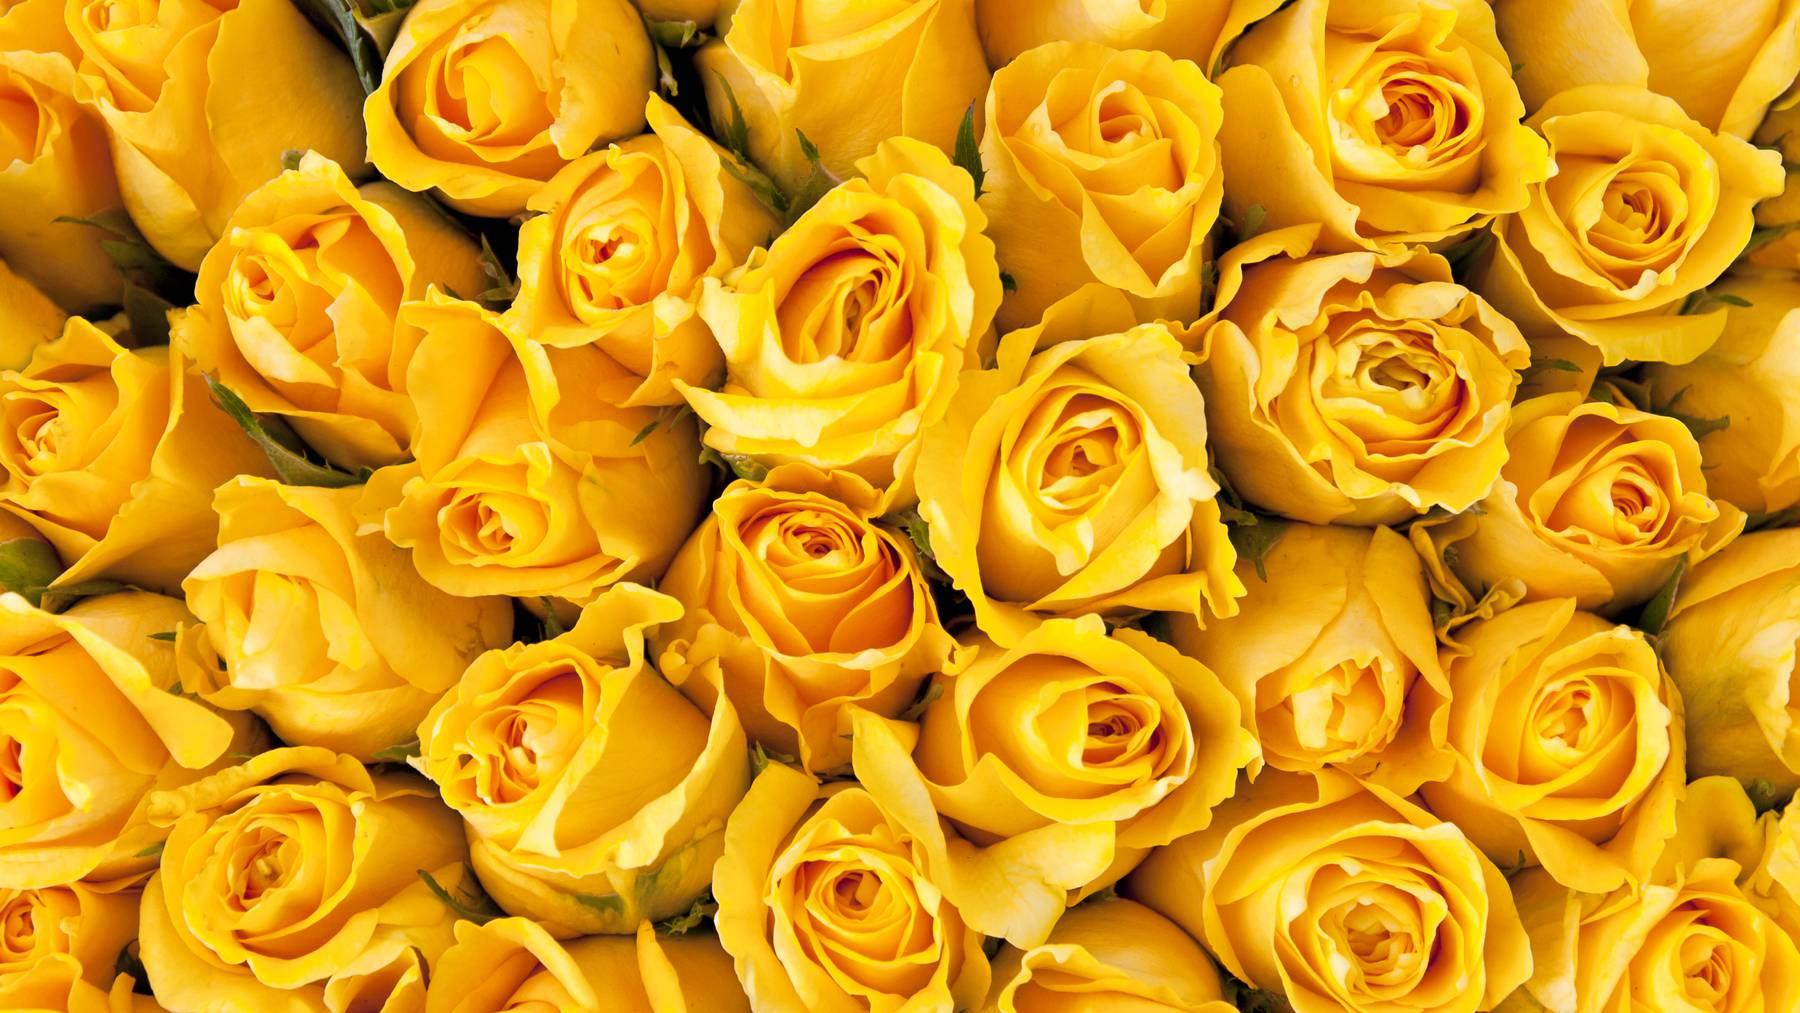 Ein Unbekannter schickte 300 gelbe Rosen an die Konstanzer Polizei. (Symbolbild)